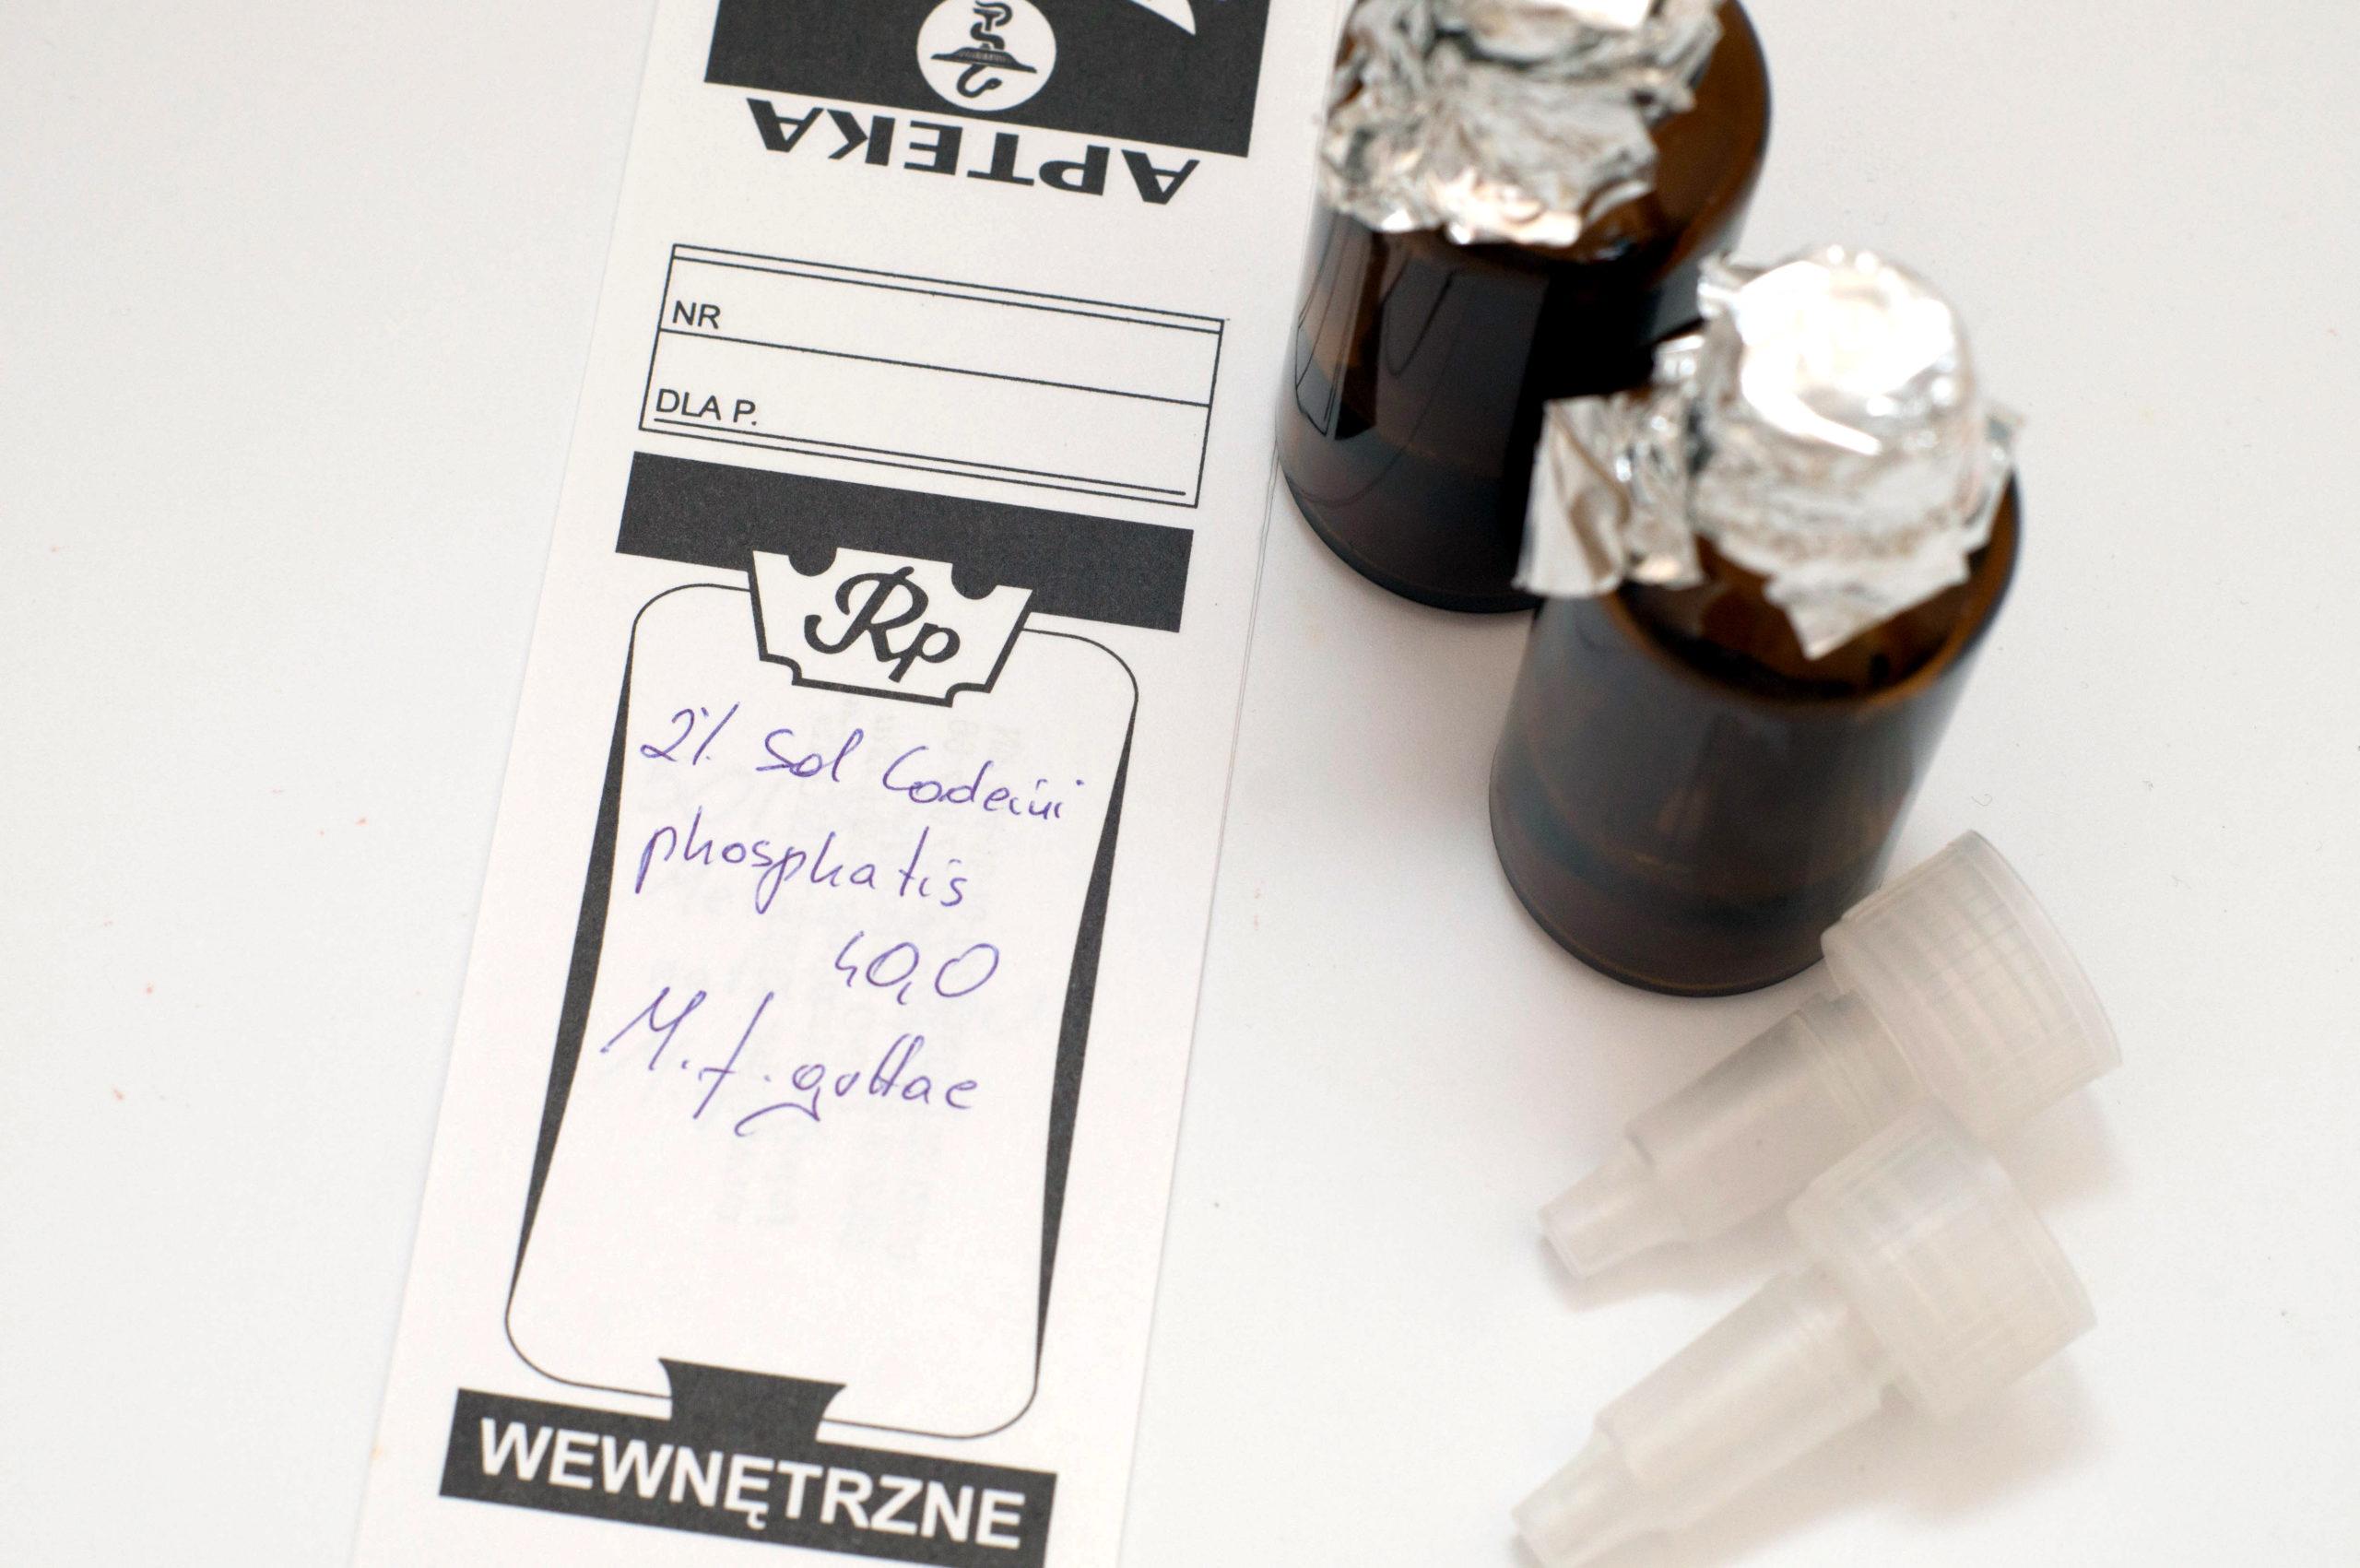 Kodeina wykazuje ośrodkowe działanie przeciwkaszlowe poprzez bezpośredni wpływ na ośrodek kaszlu w rdzeniu (fot. receptura.pl).